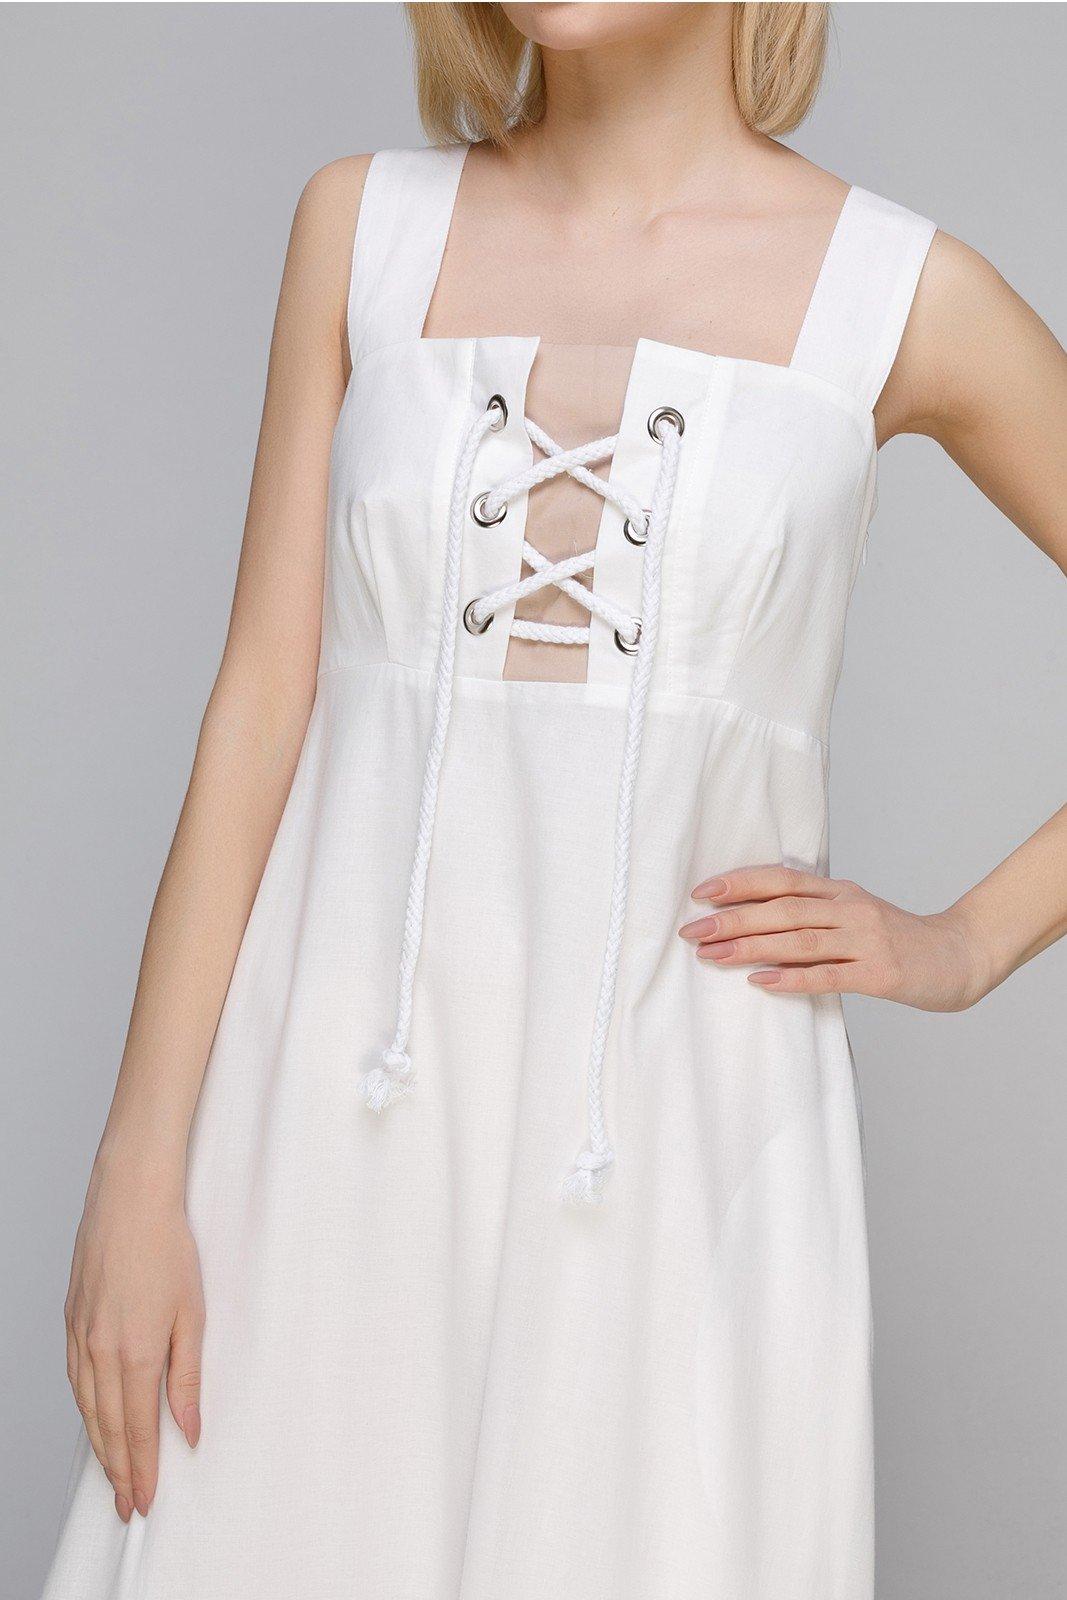 Платье Анкор